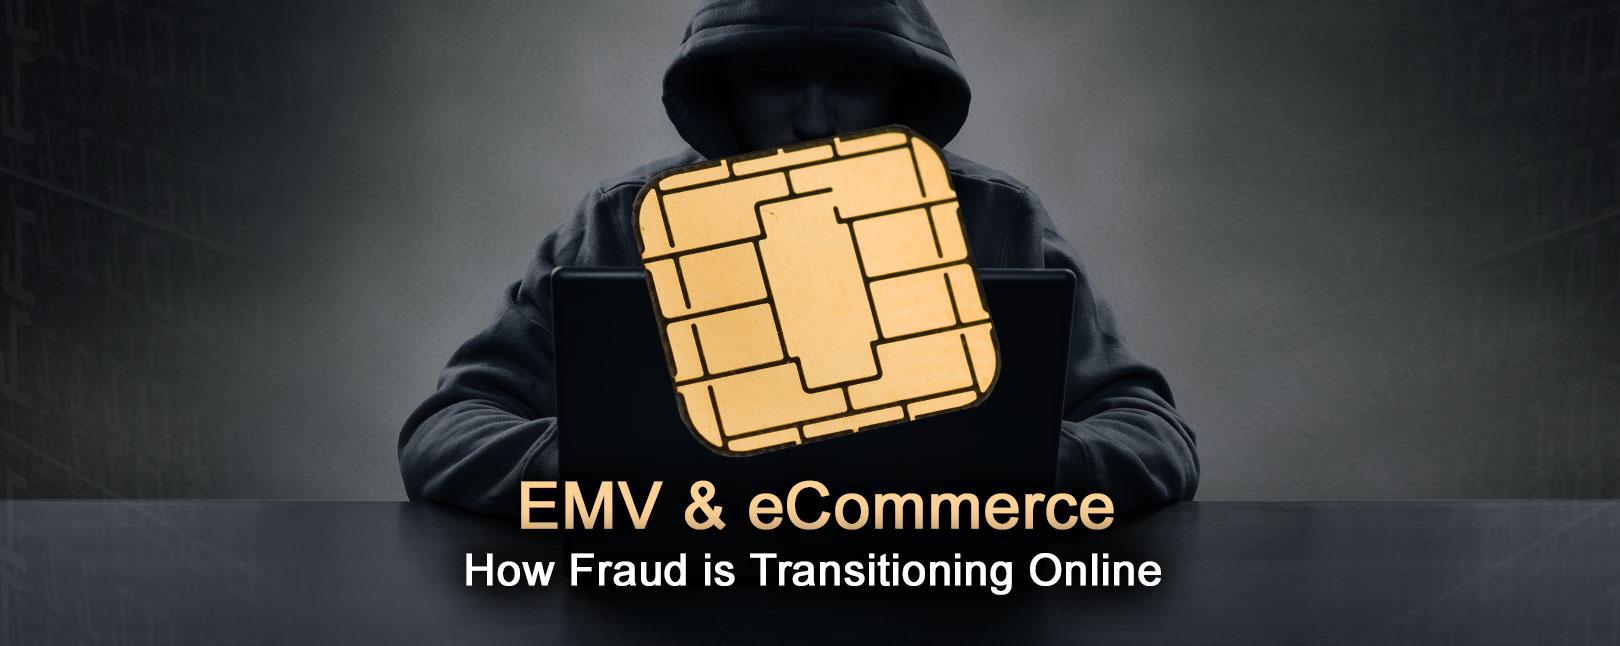 EMVeCommerce